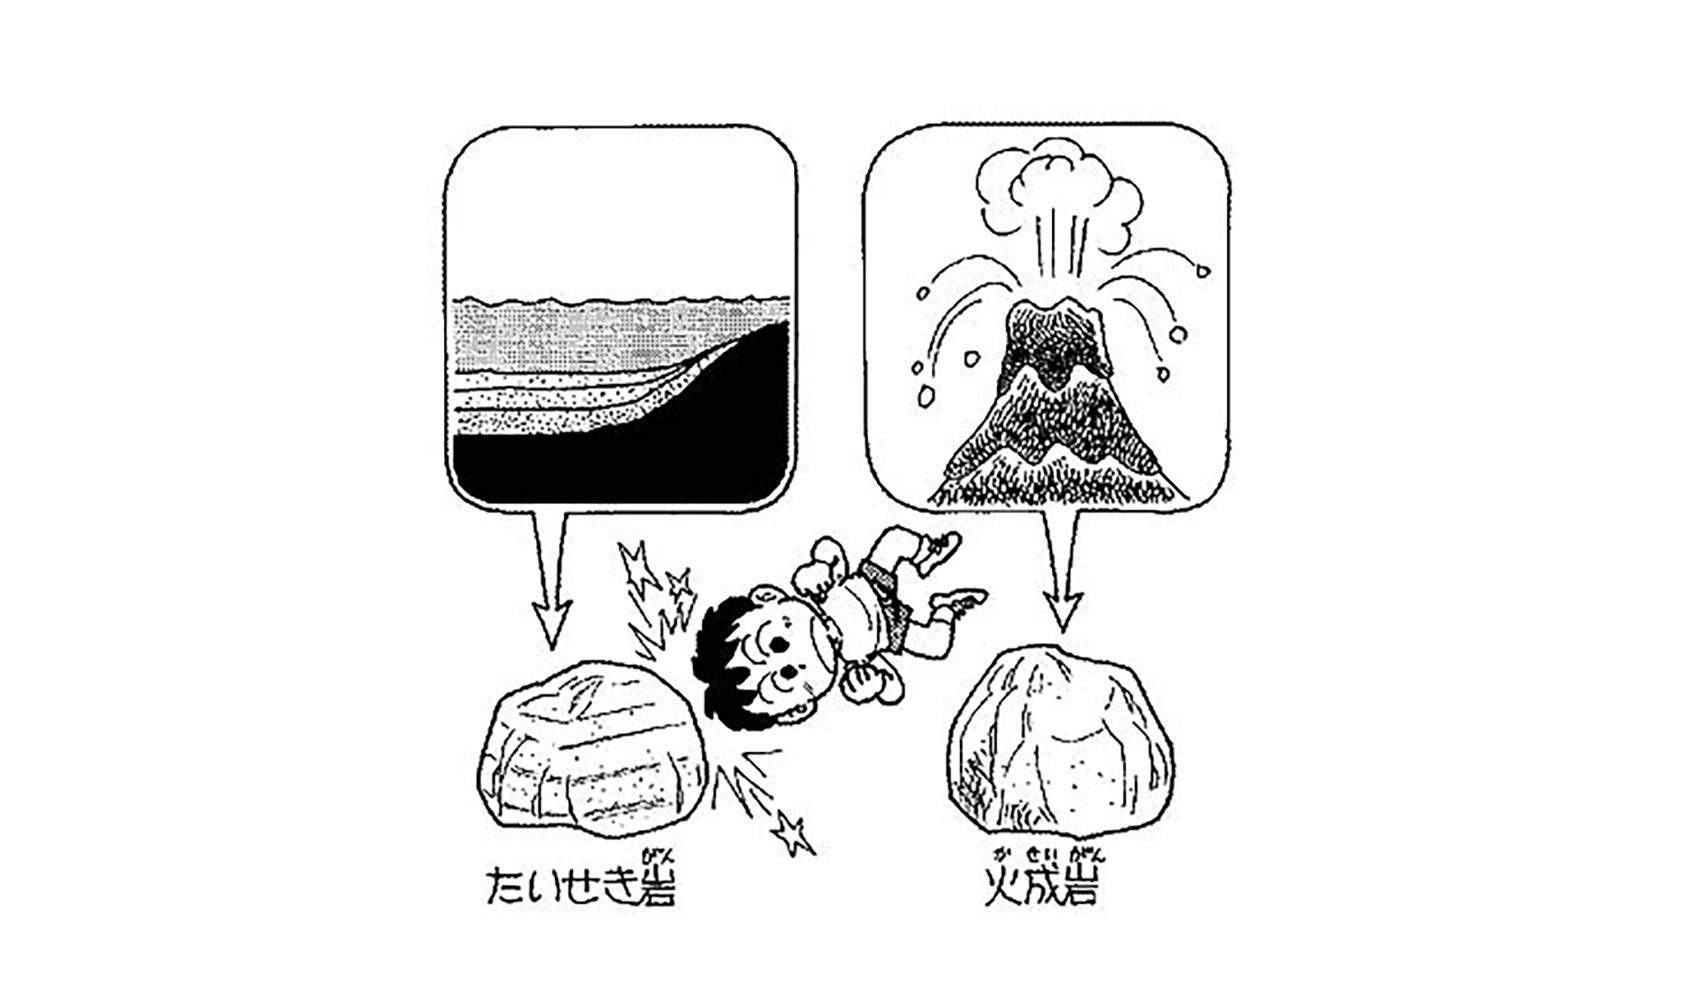 石や岩はどうしてかたいの